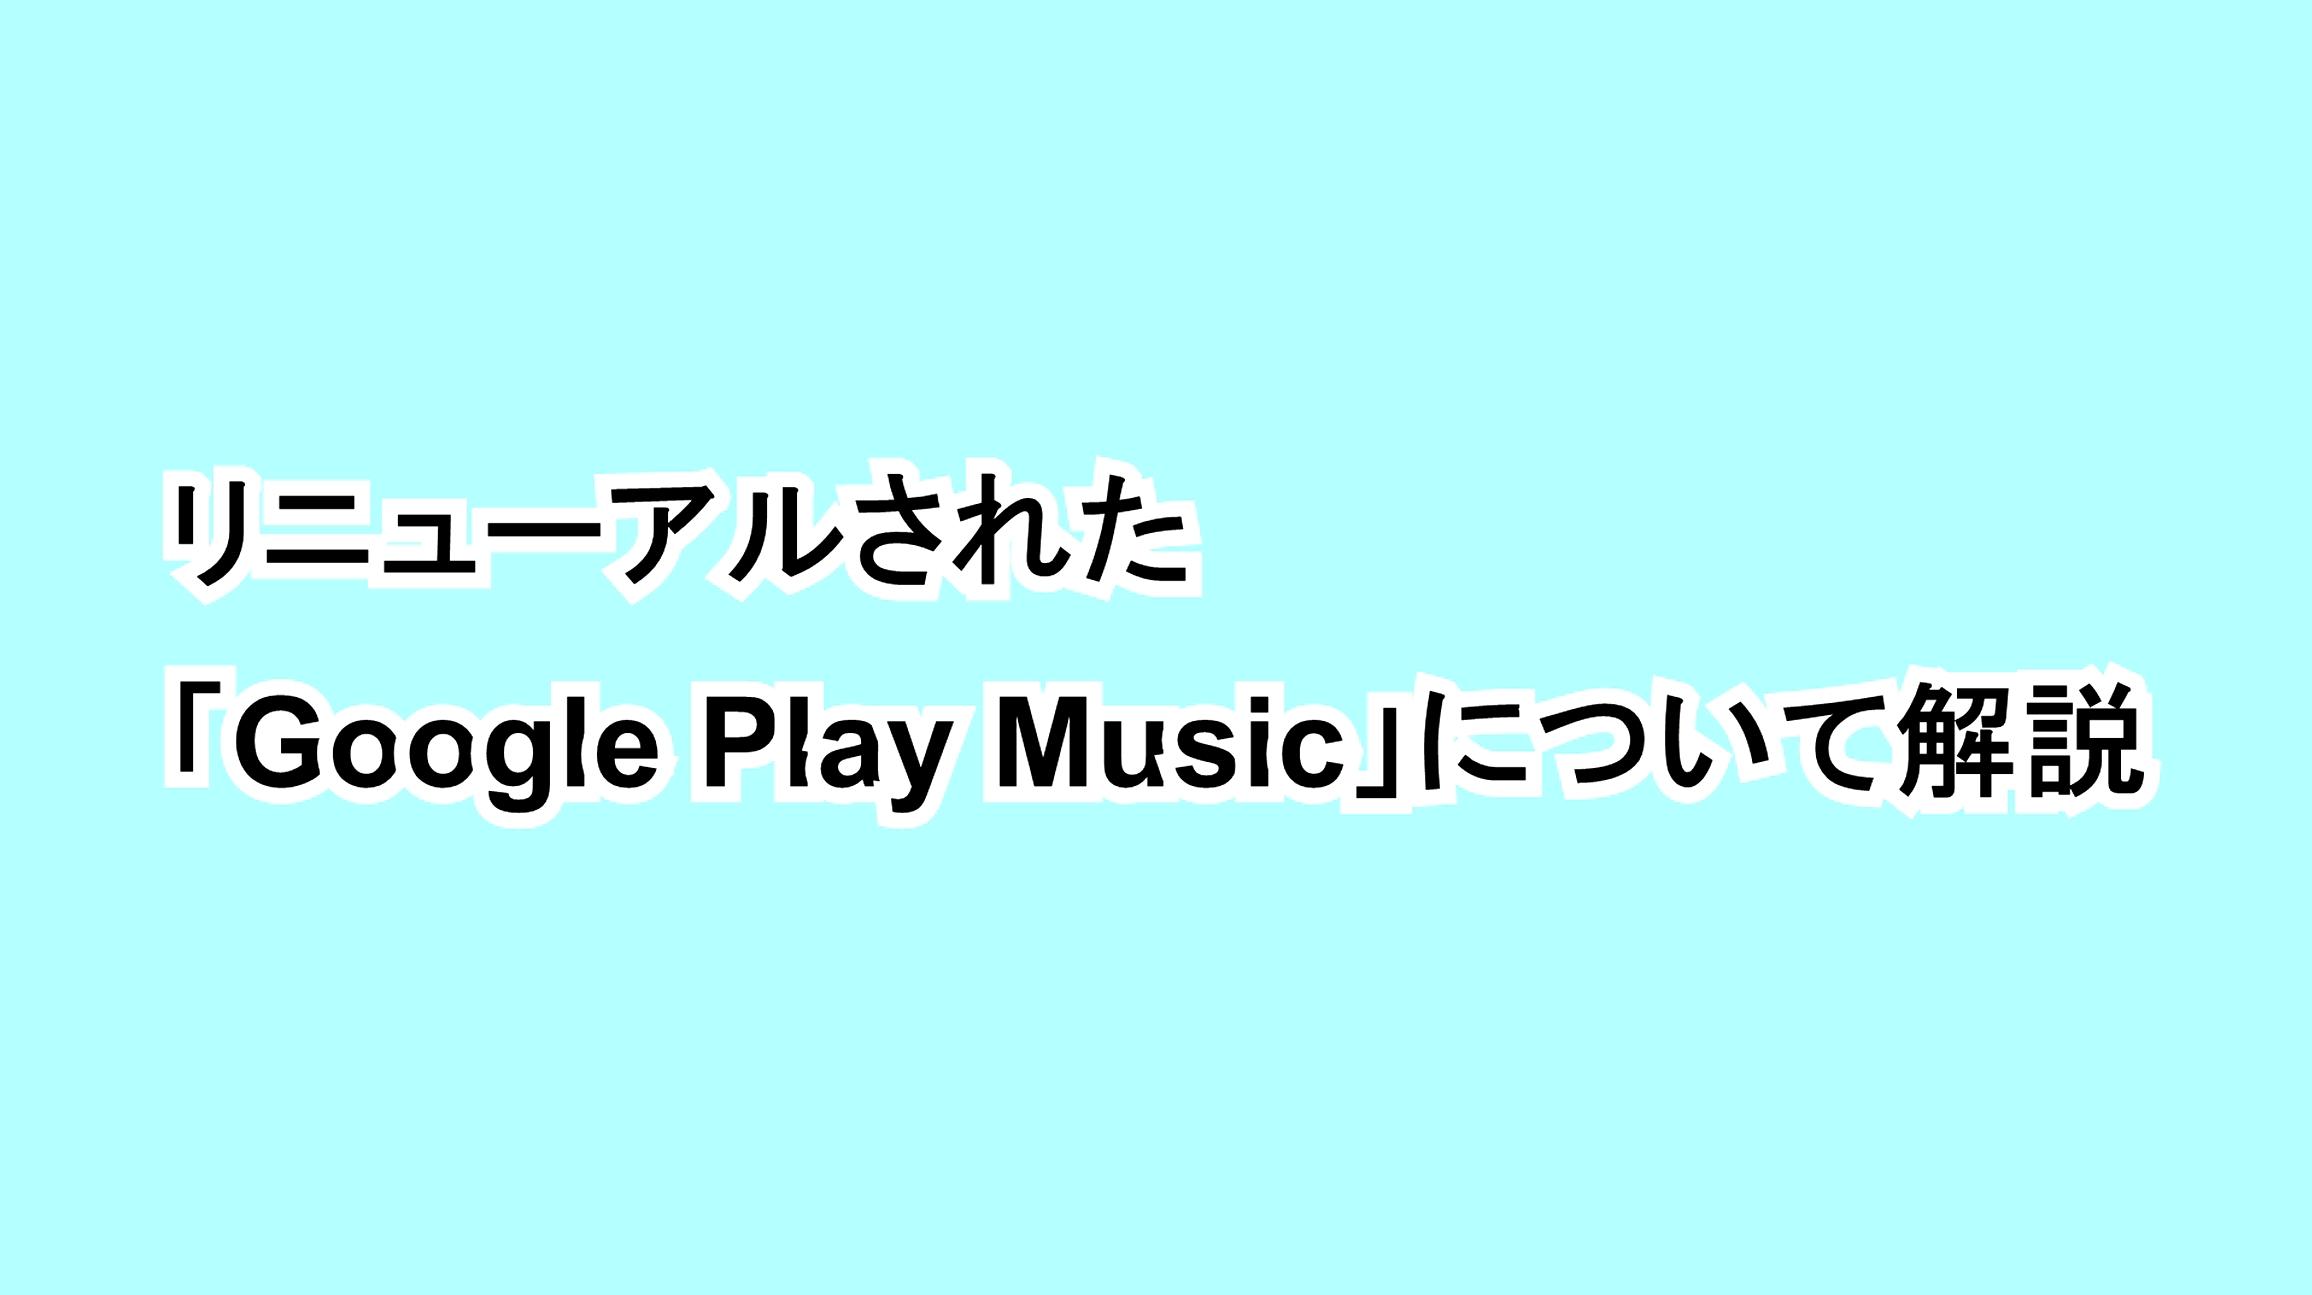 リニューアルされた「Google Play Music」について解説